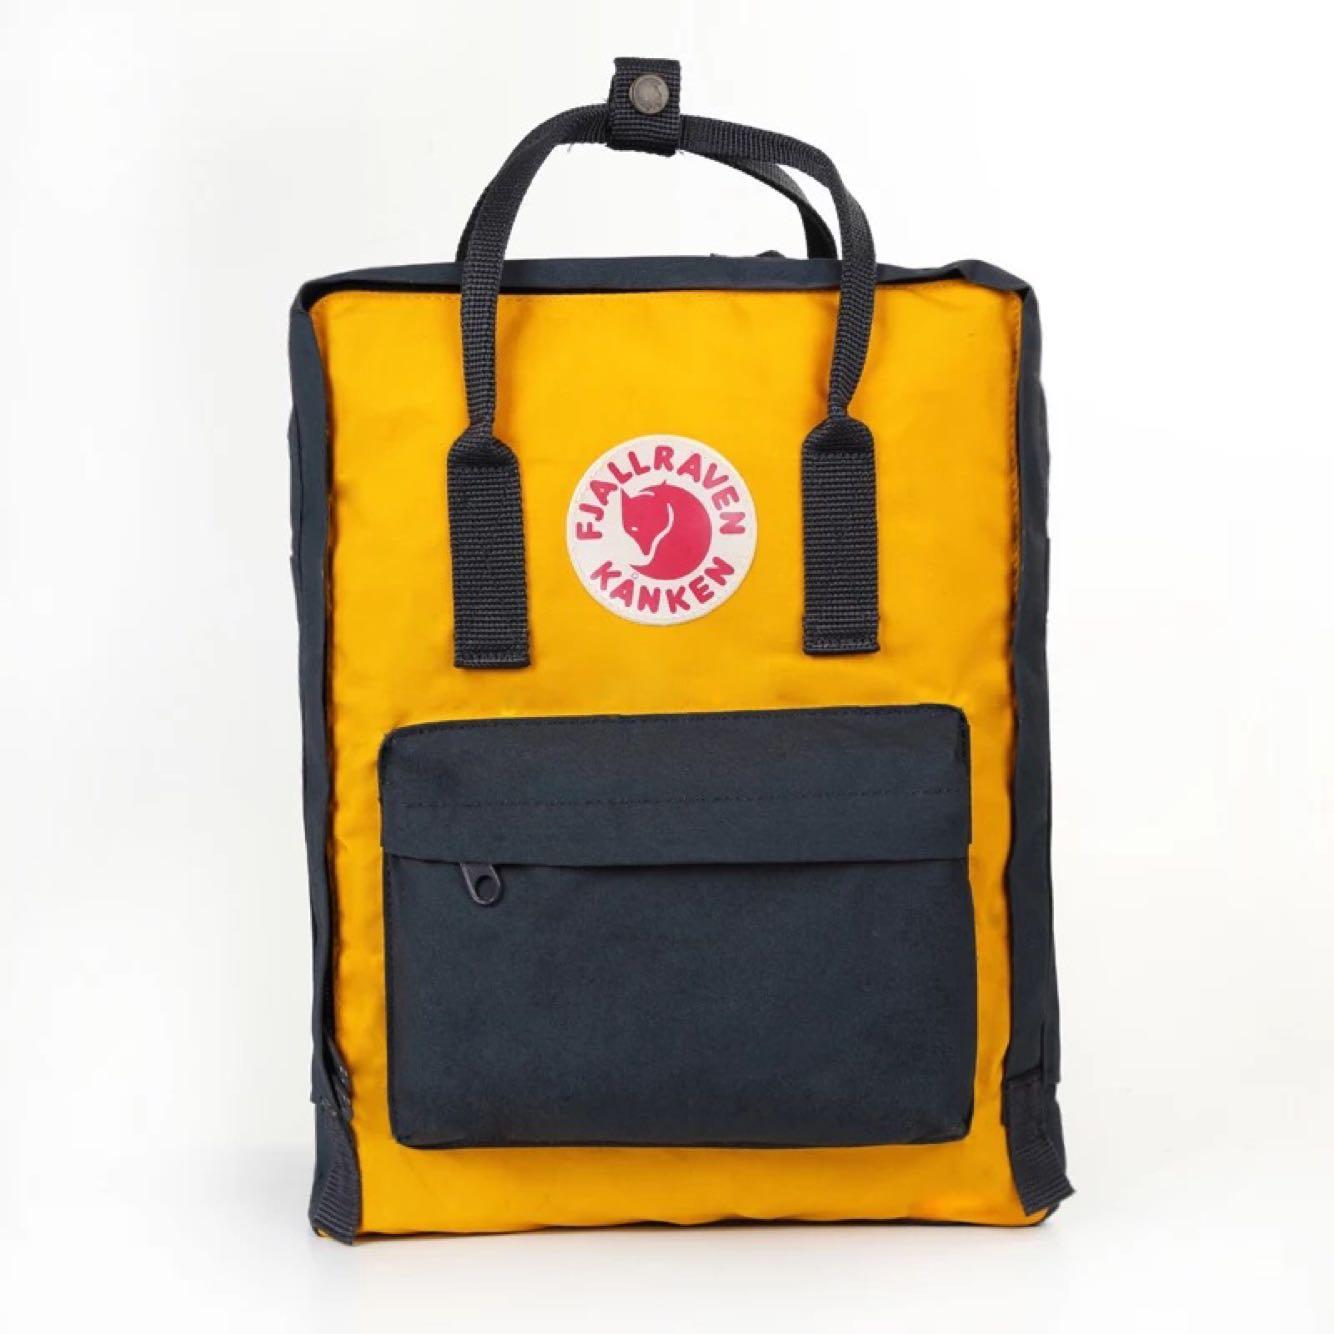 OUTLET代購 瑞典 FJALLRAVEN KANKEN Classic 560-141 藍/黃 狐狸包 後背包 書包 1